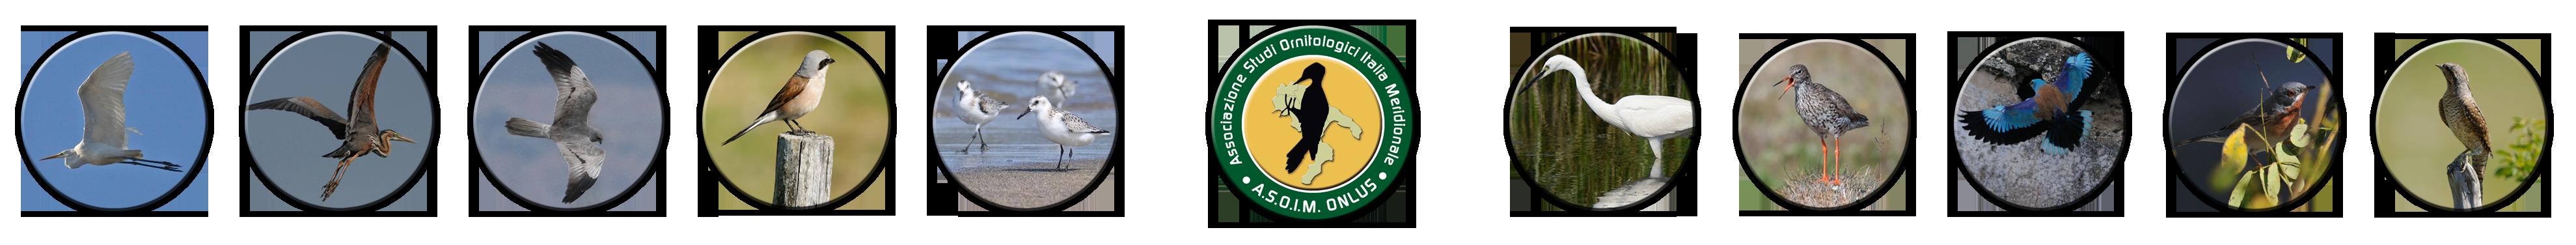 Attività di ricerca e sviluppo della conoscenza ornitologica